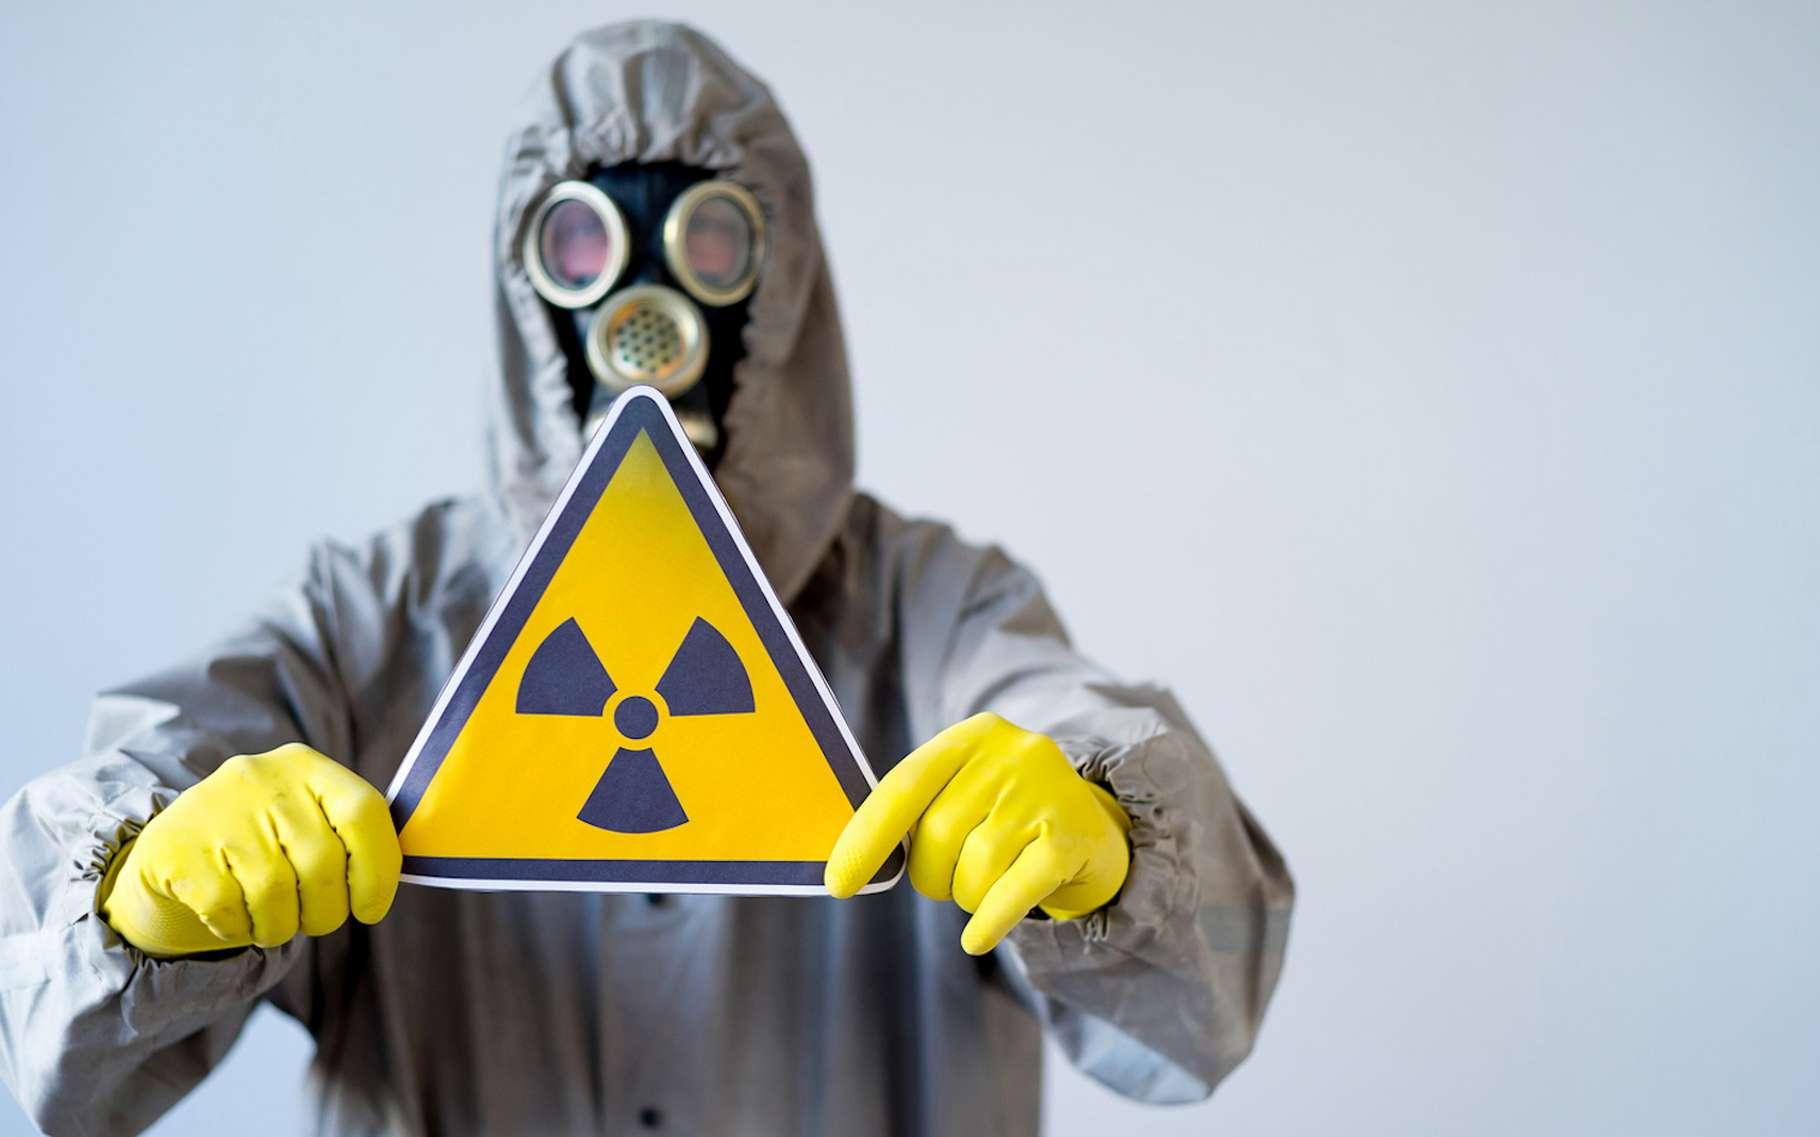 En cas d'accident nucléaire, il existe des consignes strictes à suivre. Celles-ci doivent surtout être bien connues des populations vivant à proximité d'une installation nucléaire. © Nichizhenova Elena, Fotolia